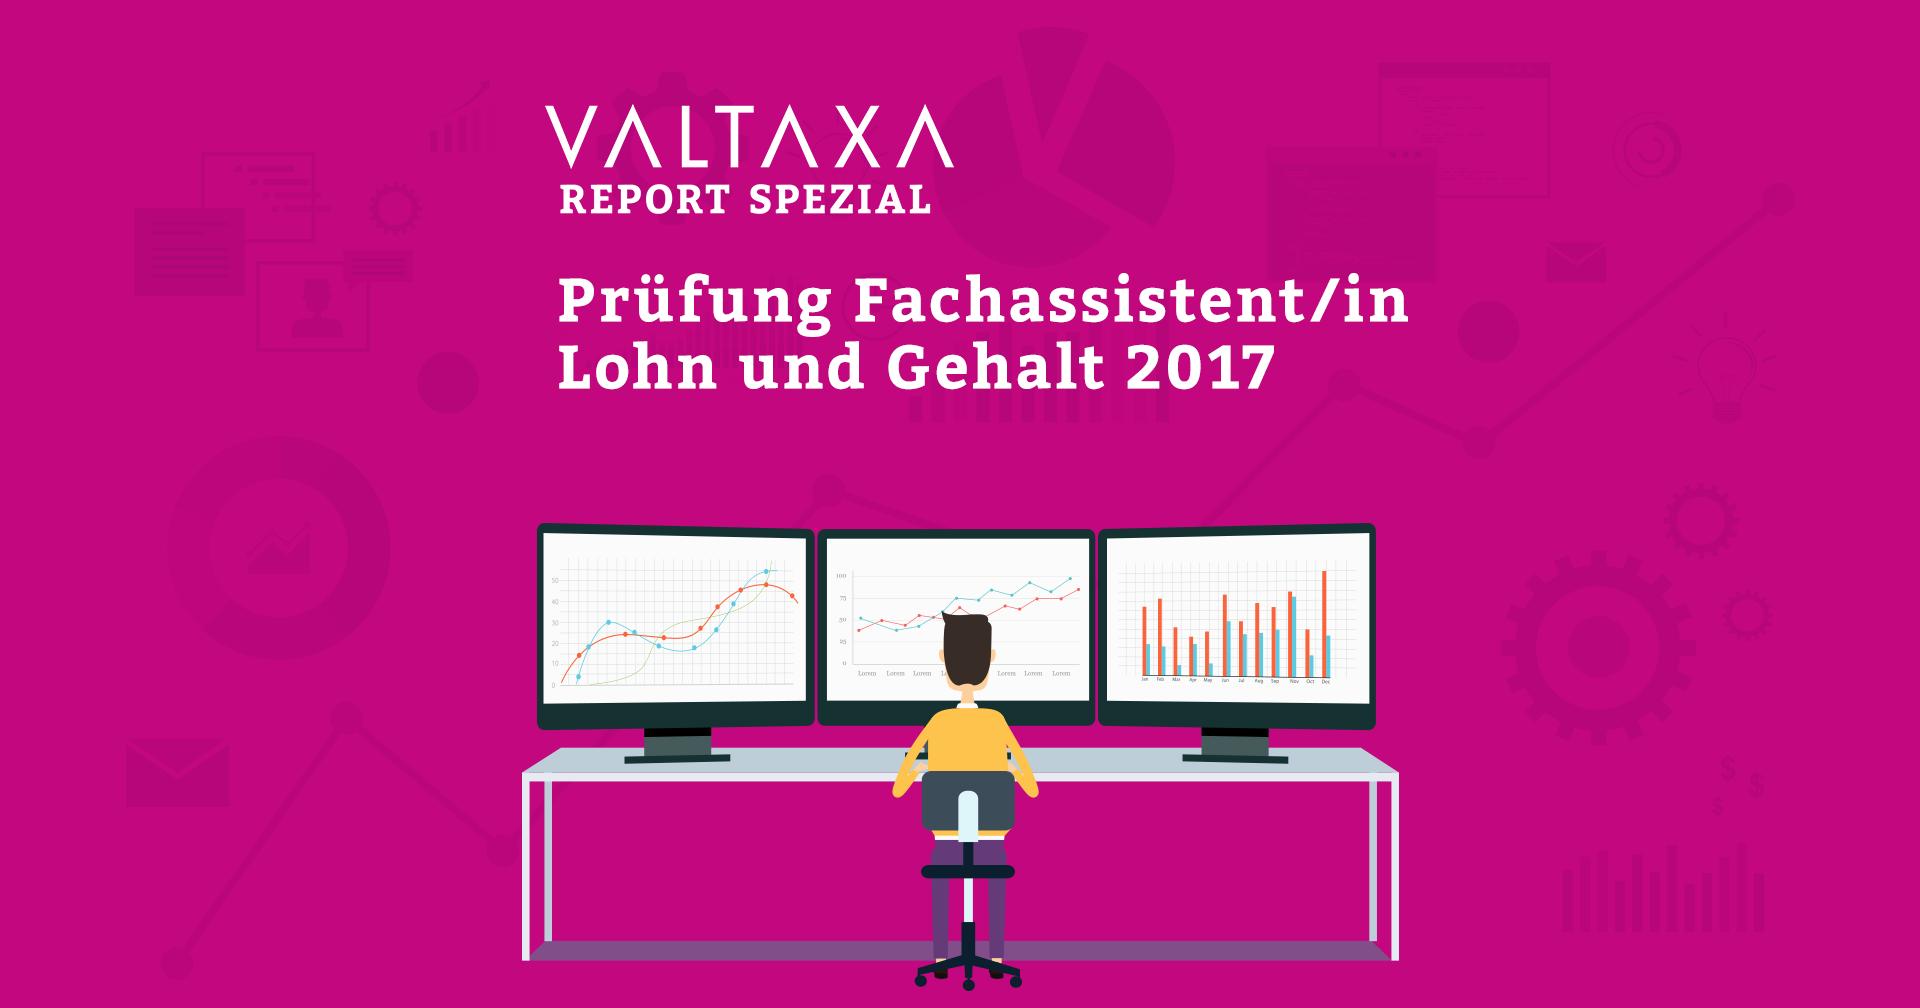 Prüfung Fachassistent/in Lohn und Gehalt 2017